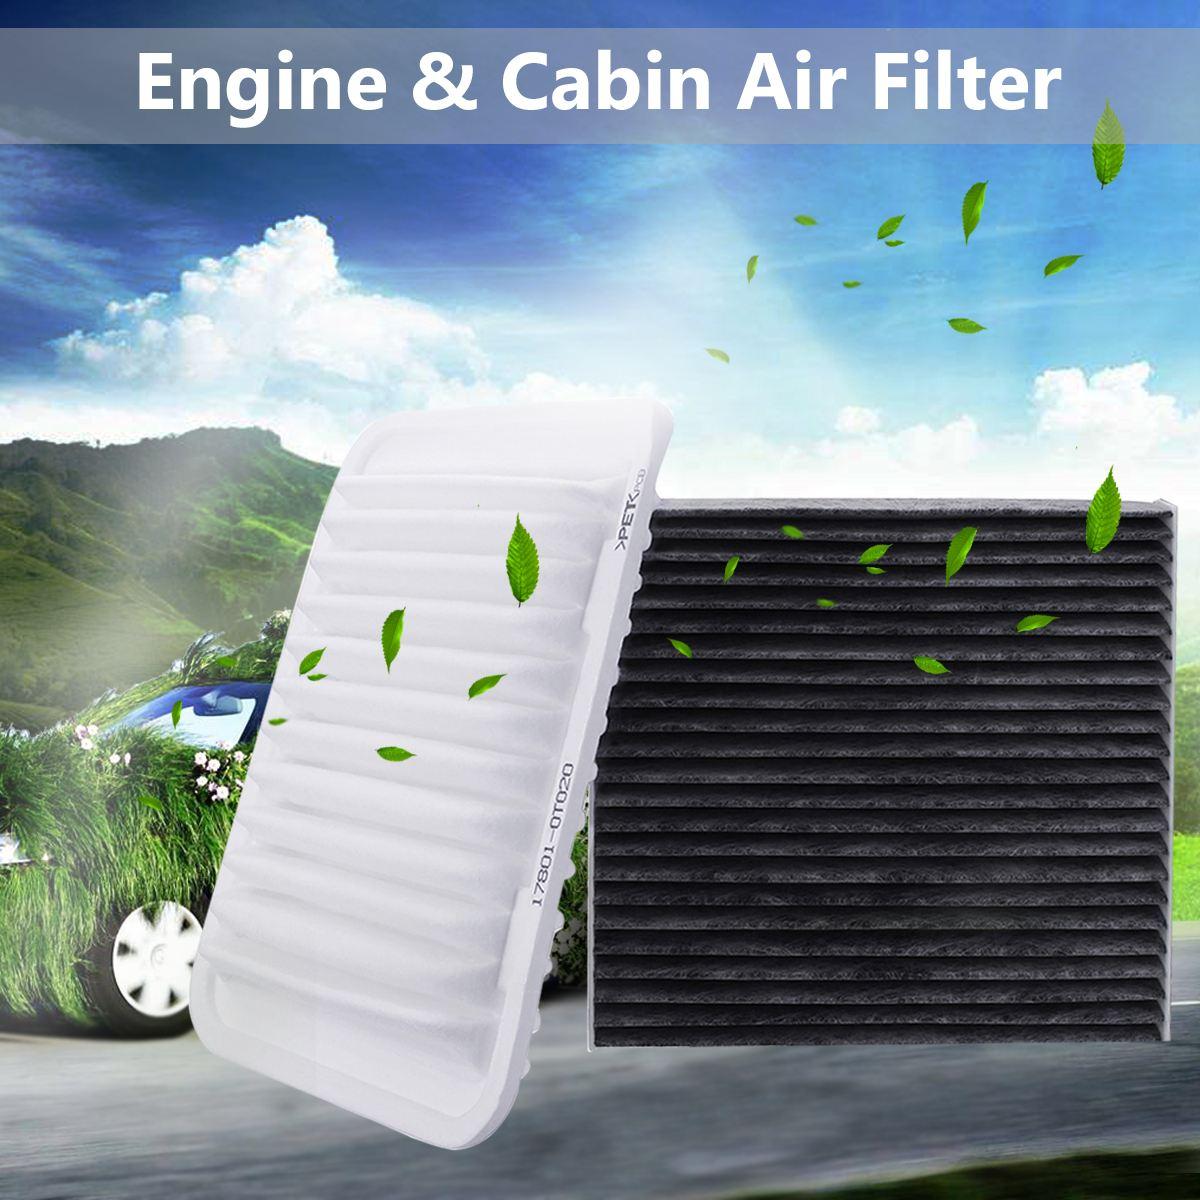 2 Stücke Motor Luftfilter & Kabine Luftfilter Für Toyota Corolla Yaris Matrix 2008-2018 17801-21050 87139-YZZ0 87139-50100